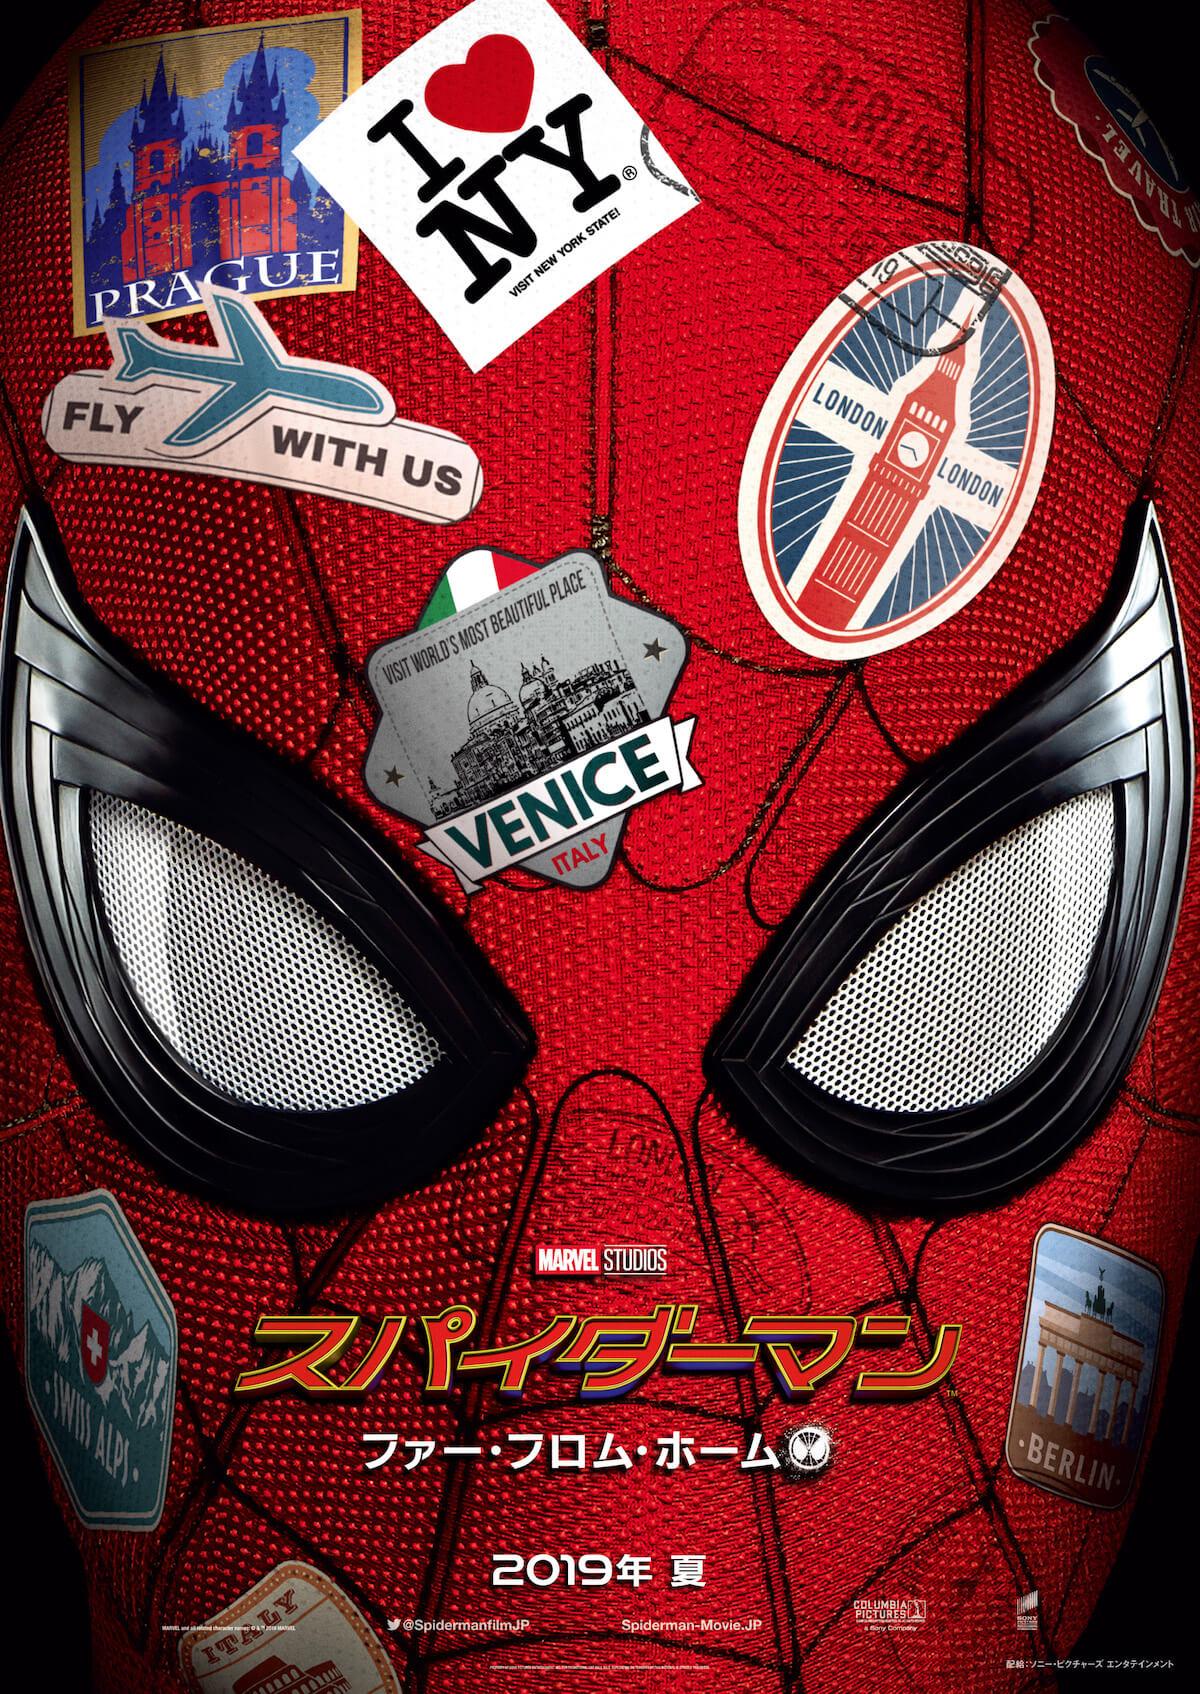 『スパイダーマン:ファー・フロム・ホーム』ワールドプレミア試写会へあなたも!3泊5日ロサンゼルス旅行がFODからプレゼント film190520_spiderman_fod_1